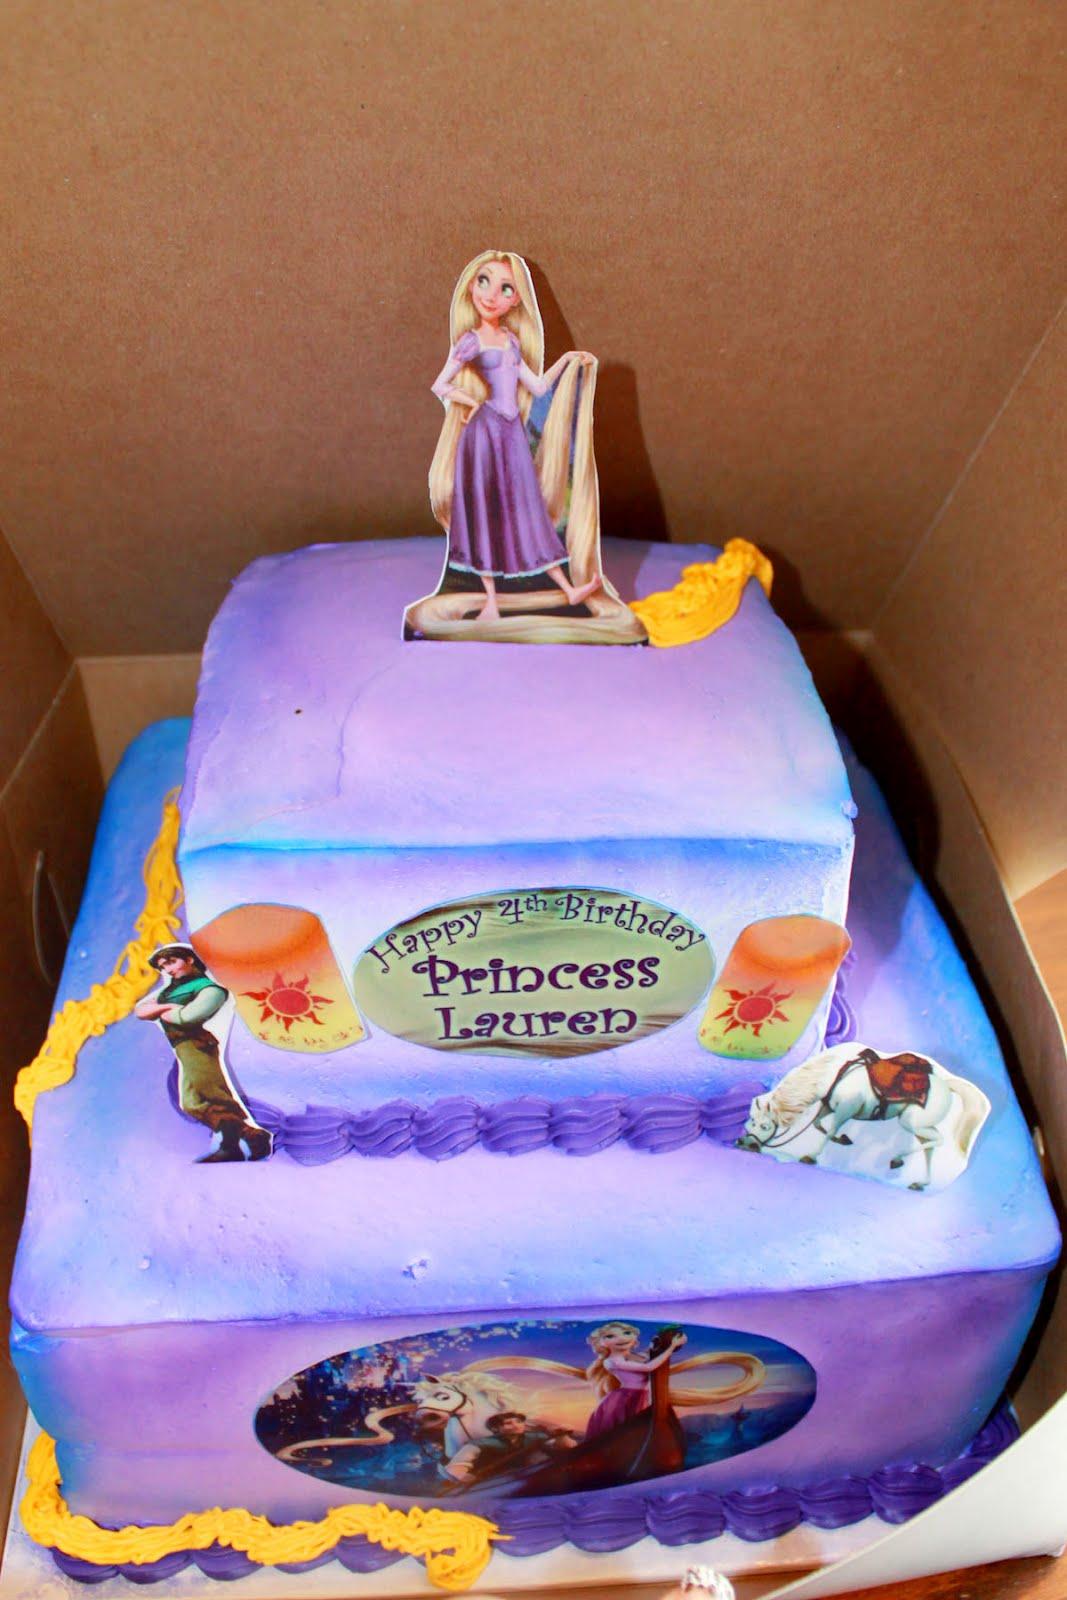 Hectors Custom Cakes